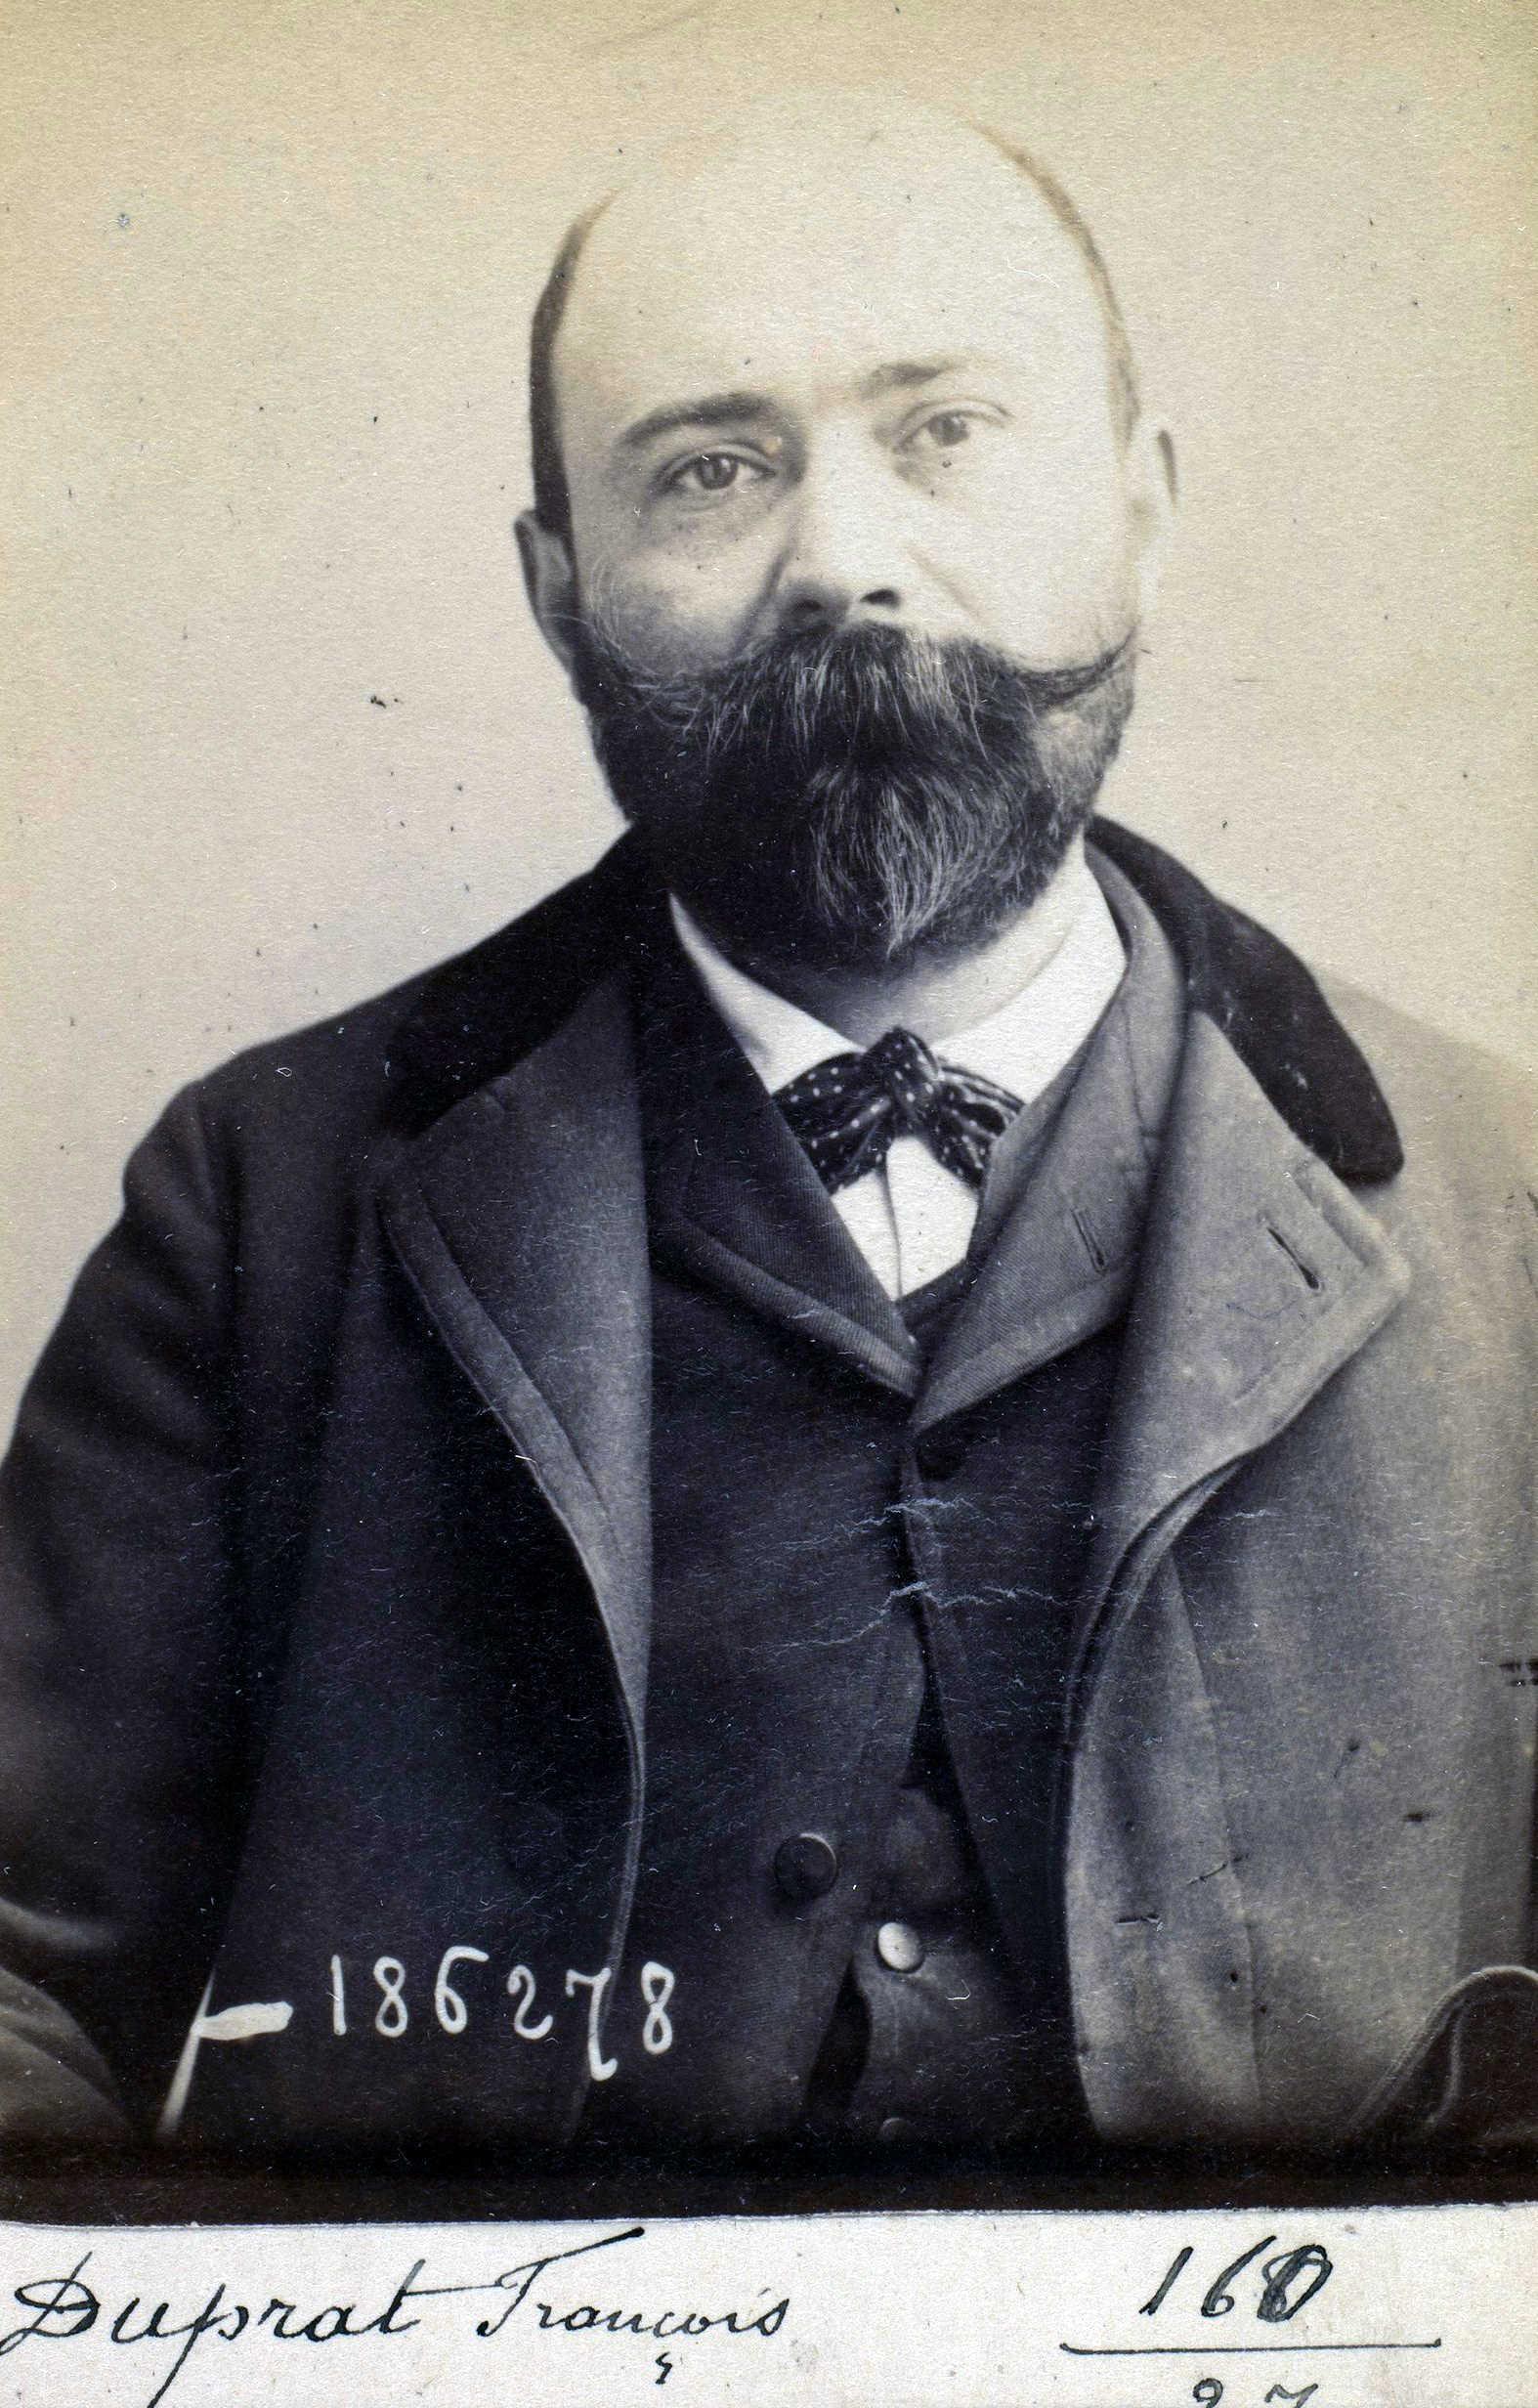 Foto policíaca de François-Louis Duprat (27 d'abril de 1892)